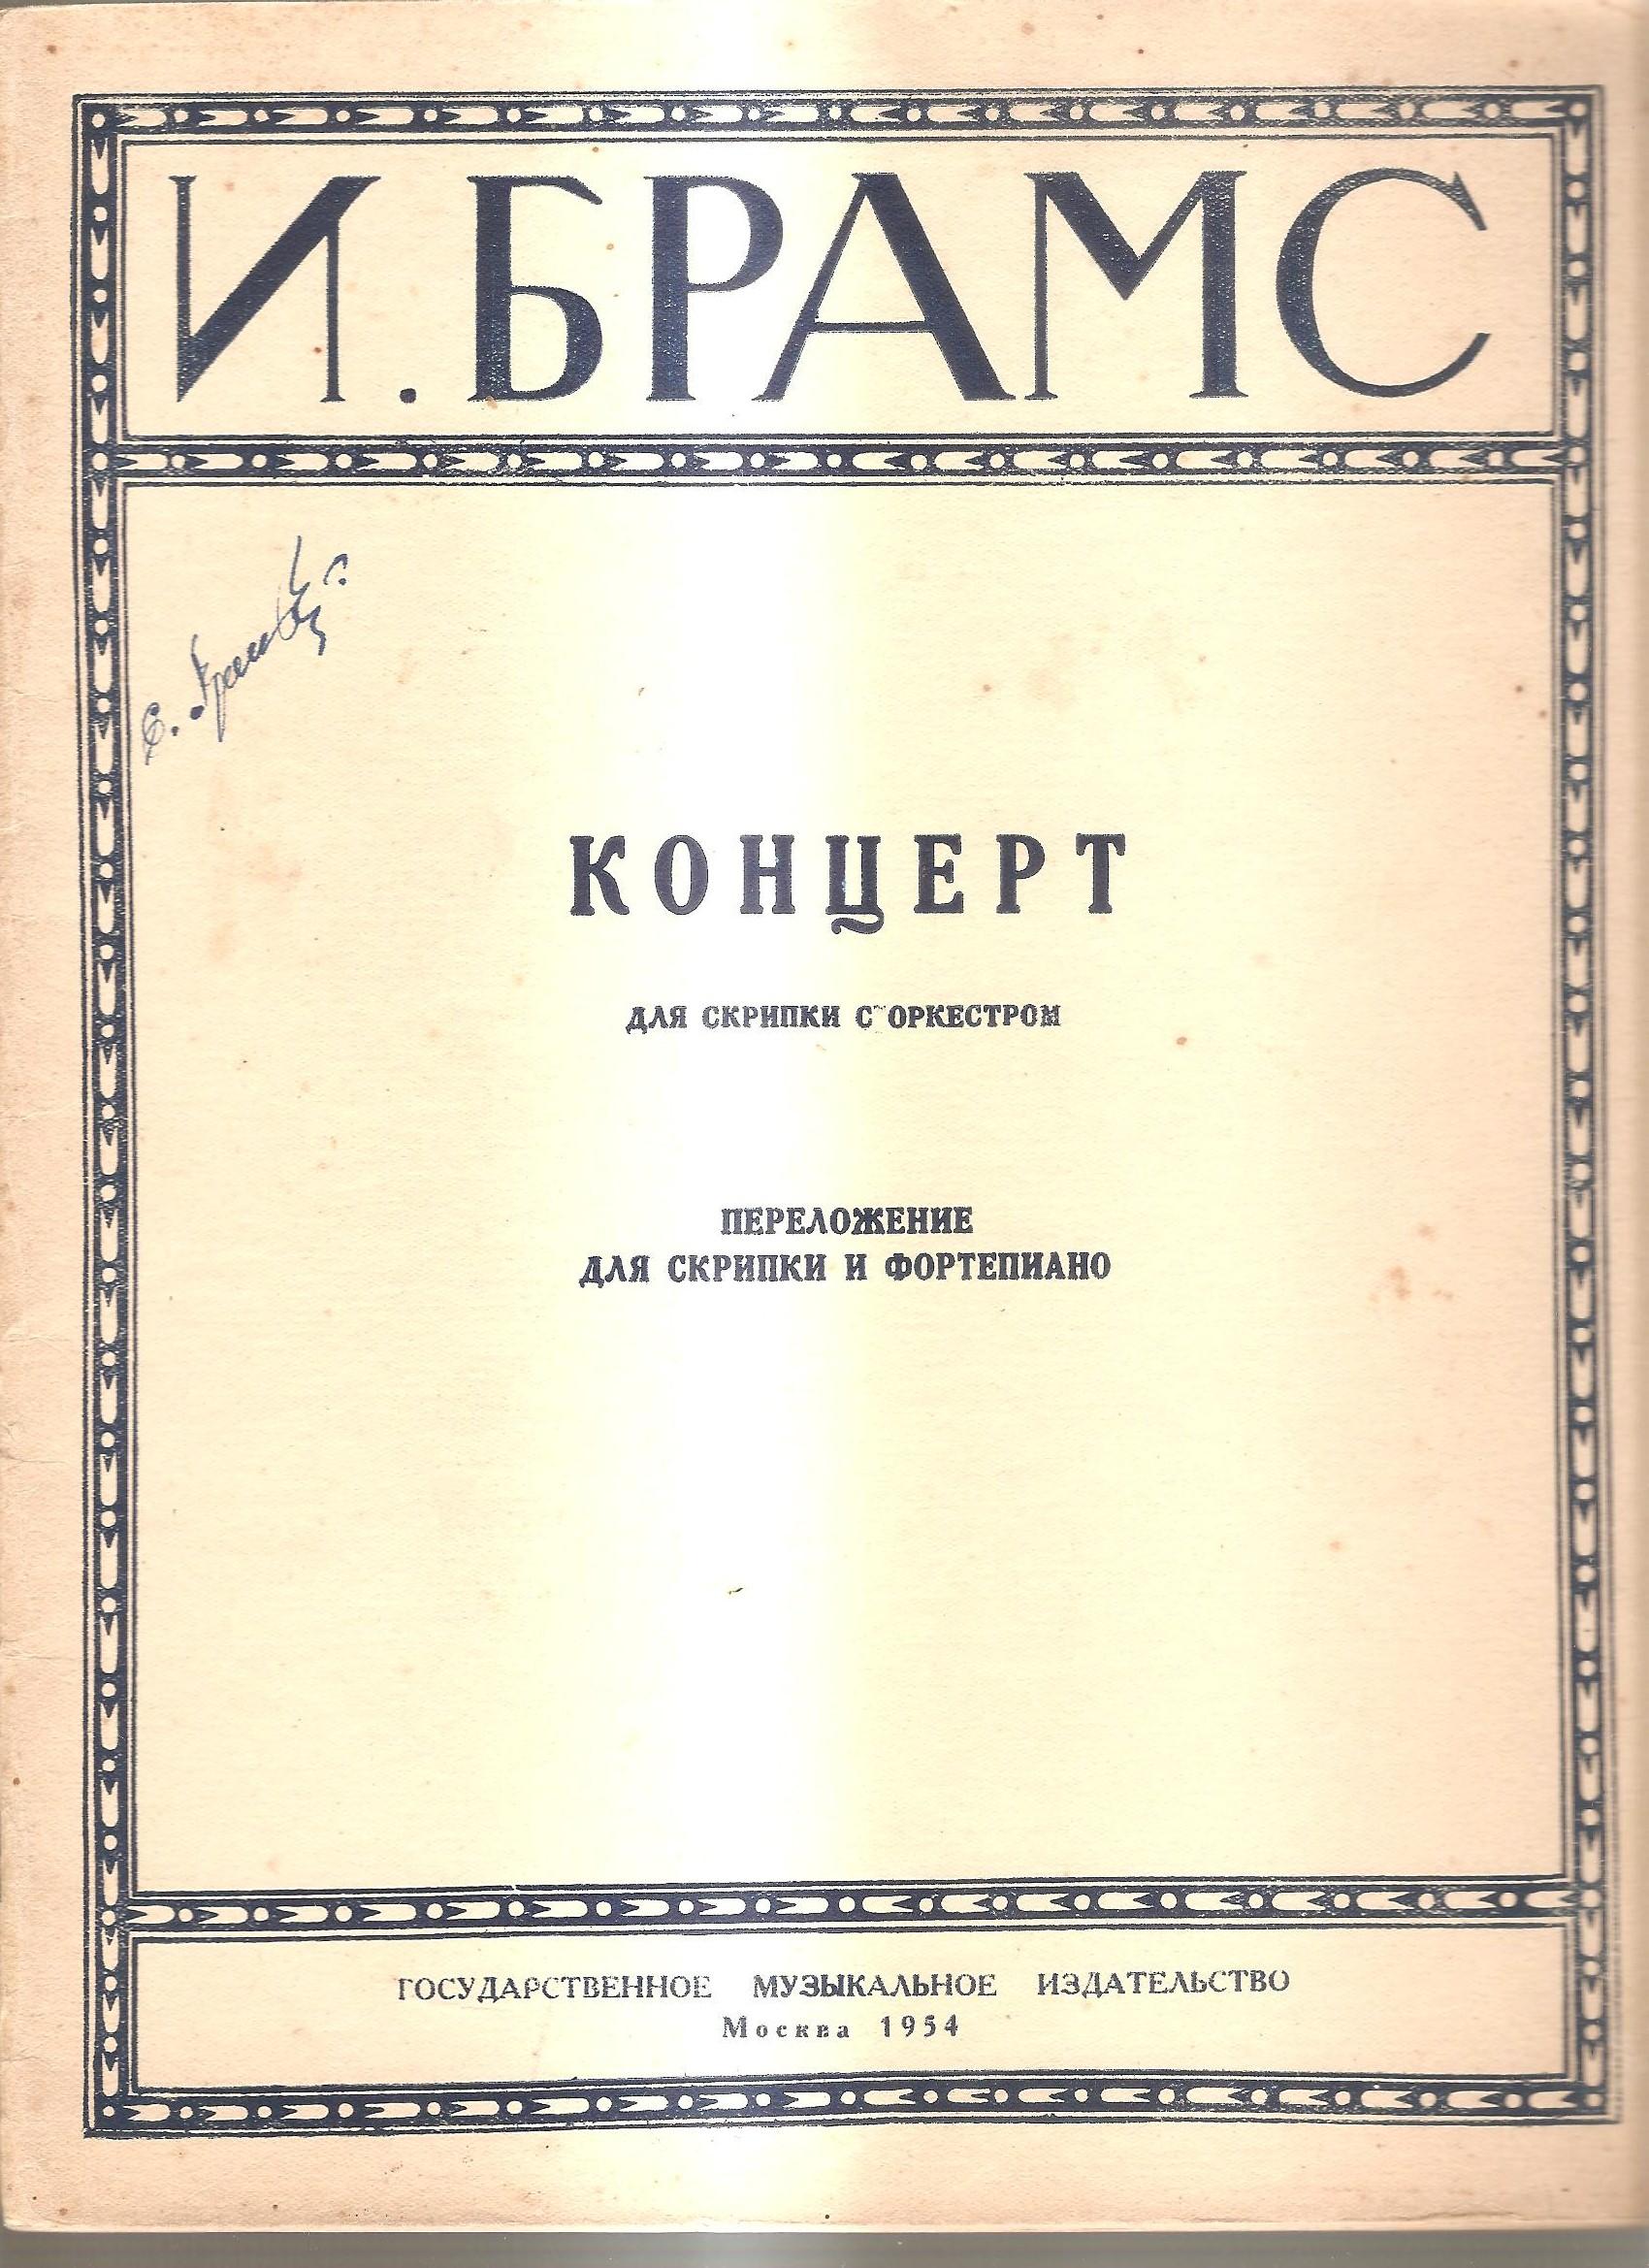 Ноты Концерта Брамса из нашей библиотеки с подписью на титуле С. Лункевича / Фото из семейного архива И. Б. Милютиной